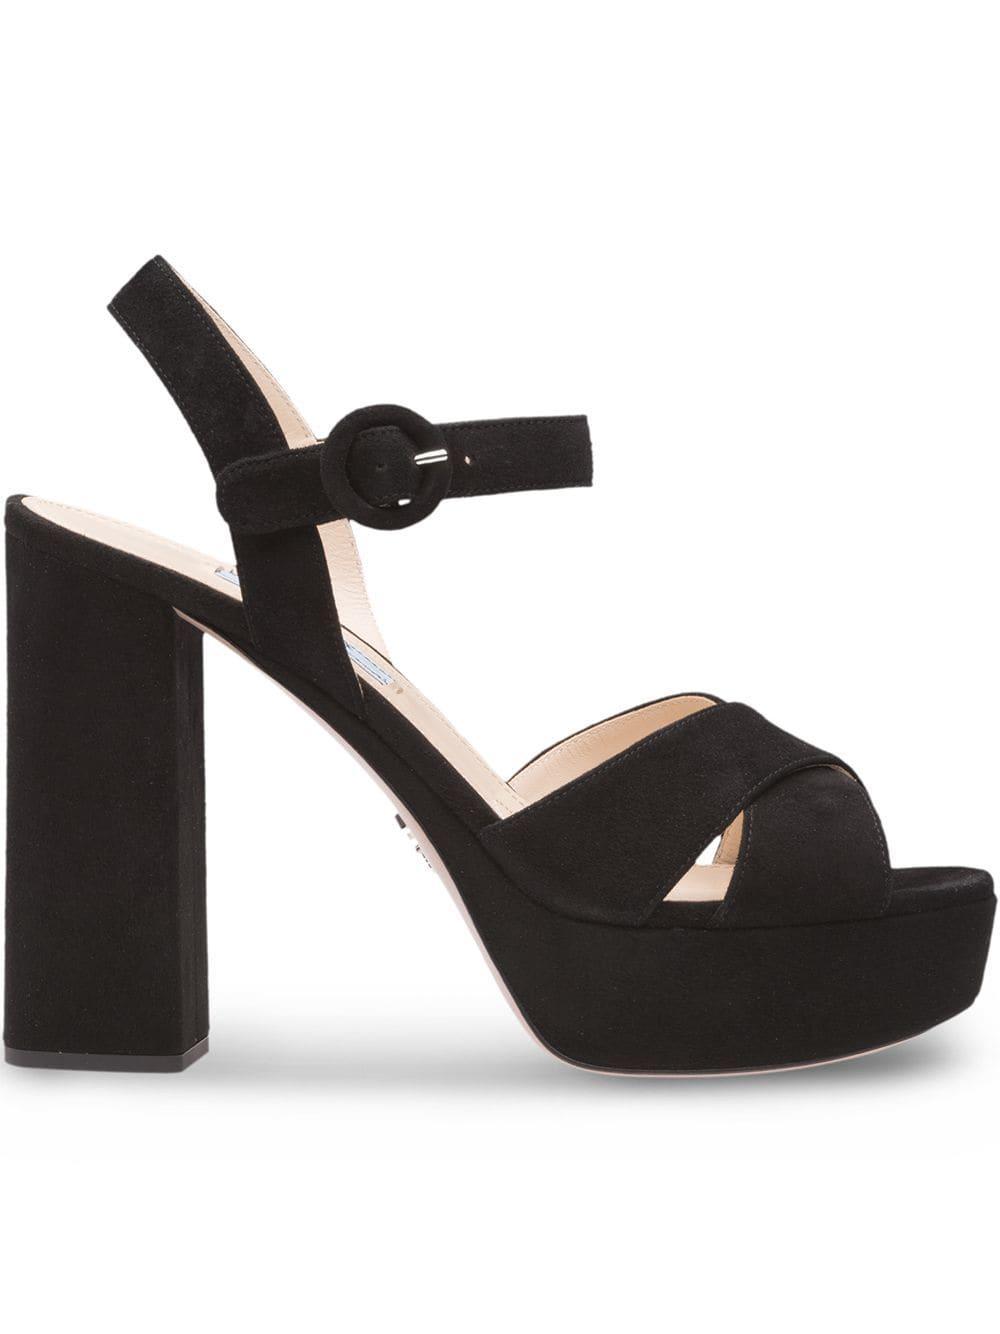 1cd07e5e5ac Prada Suede Platform Sandals - Black